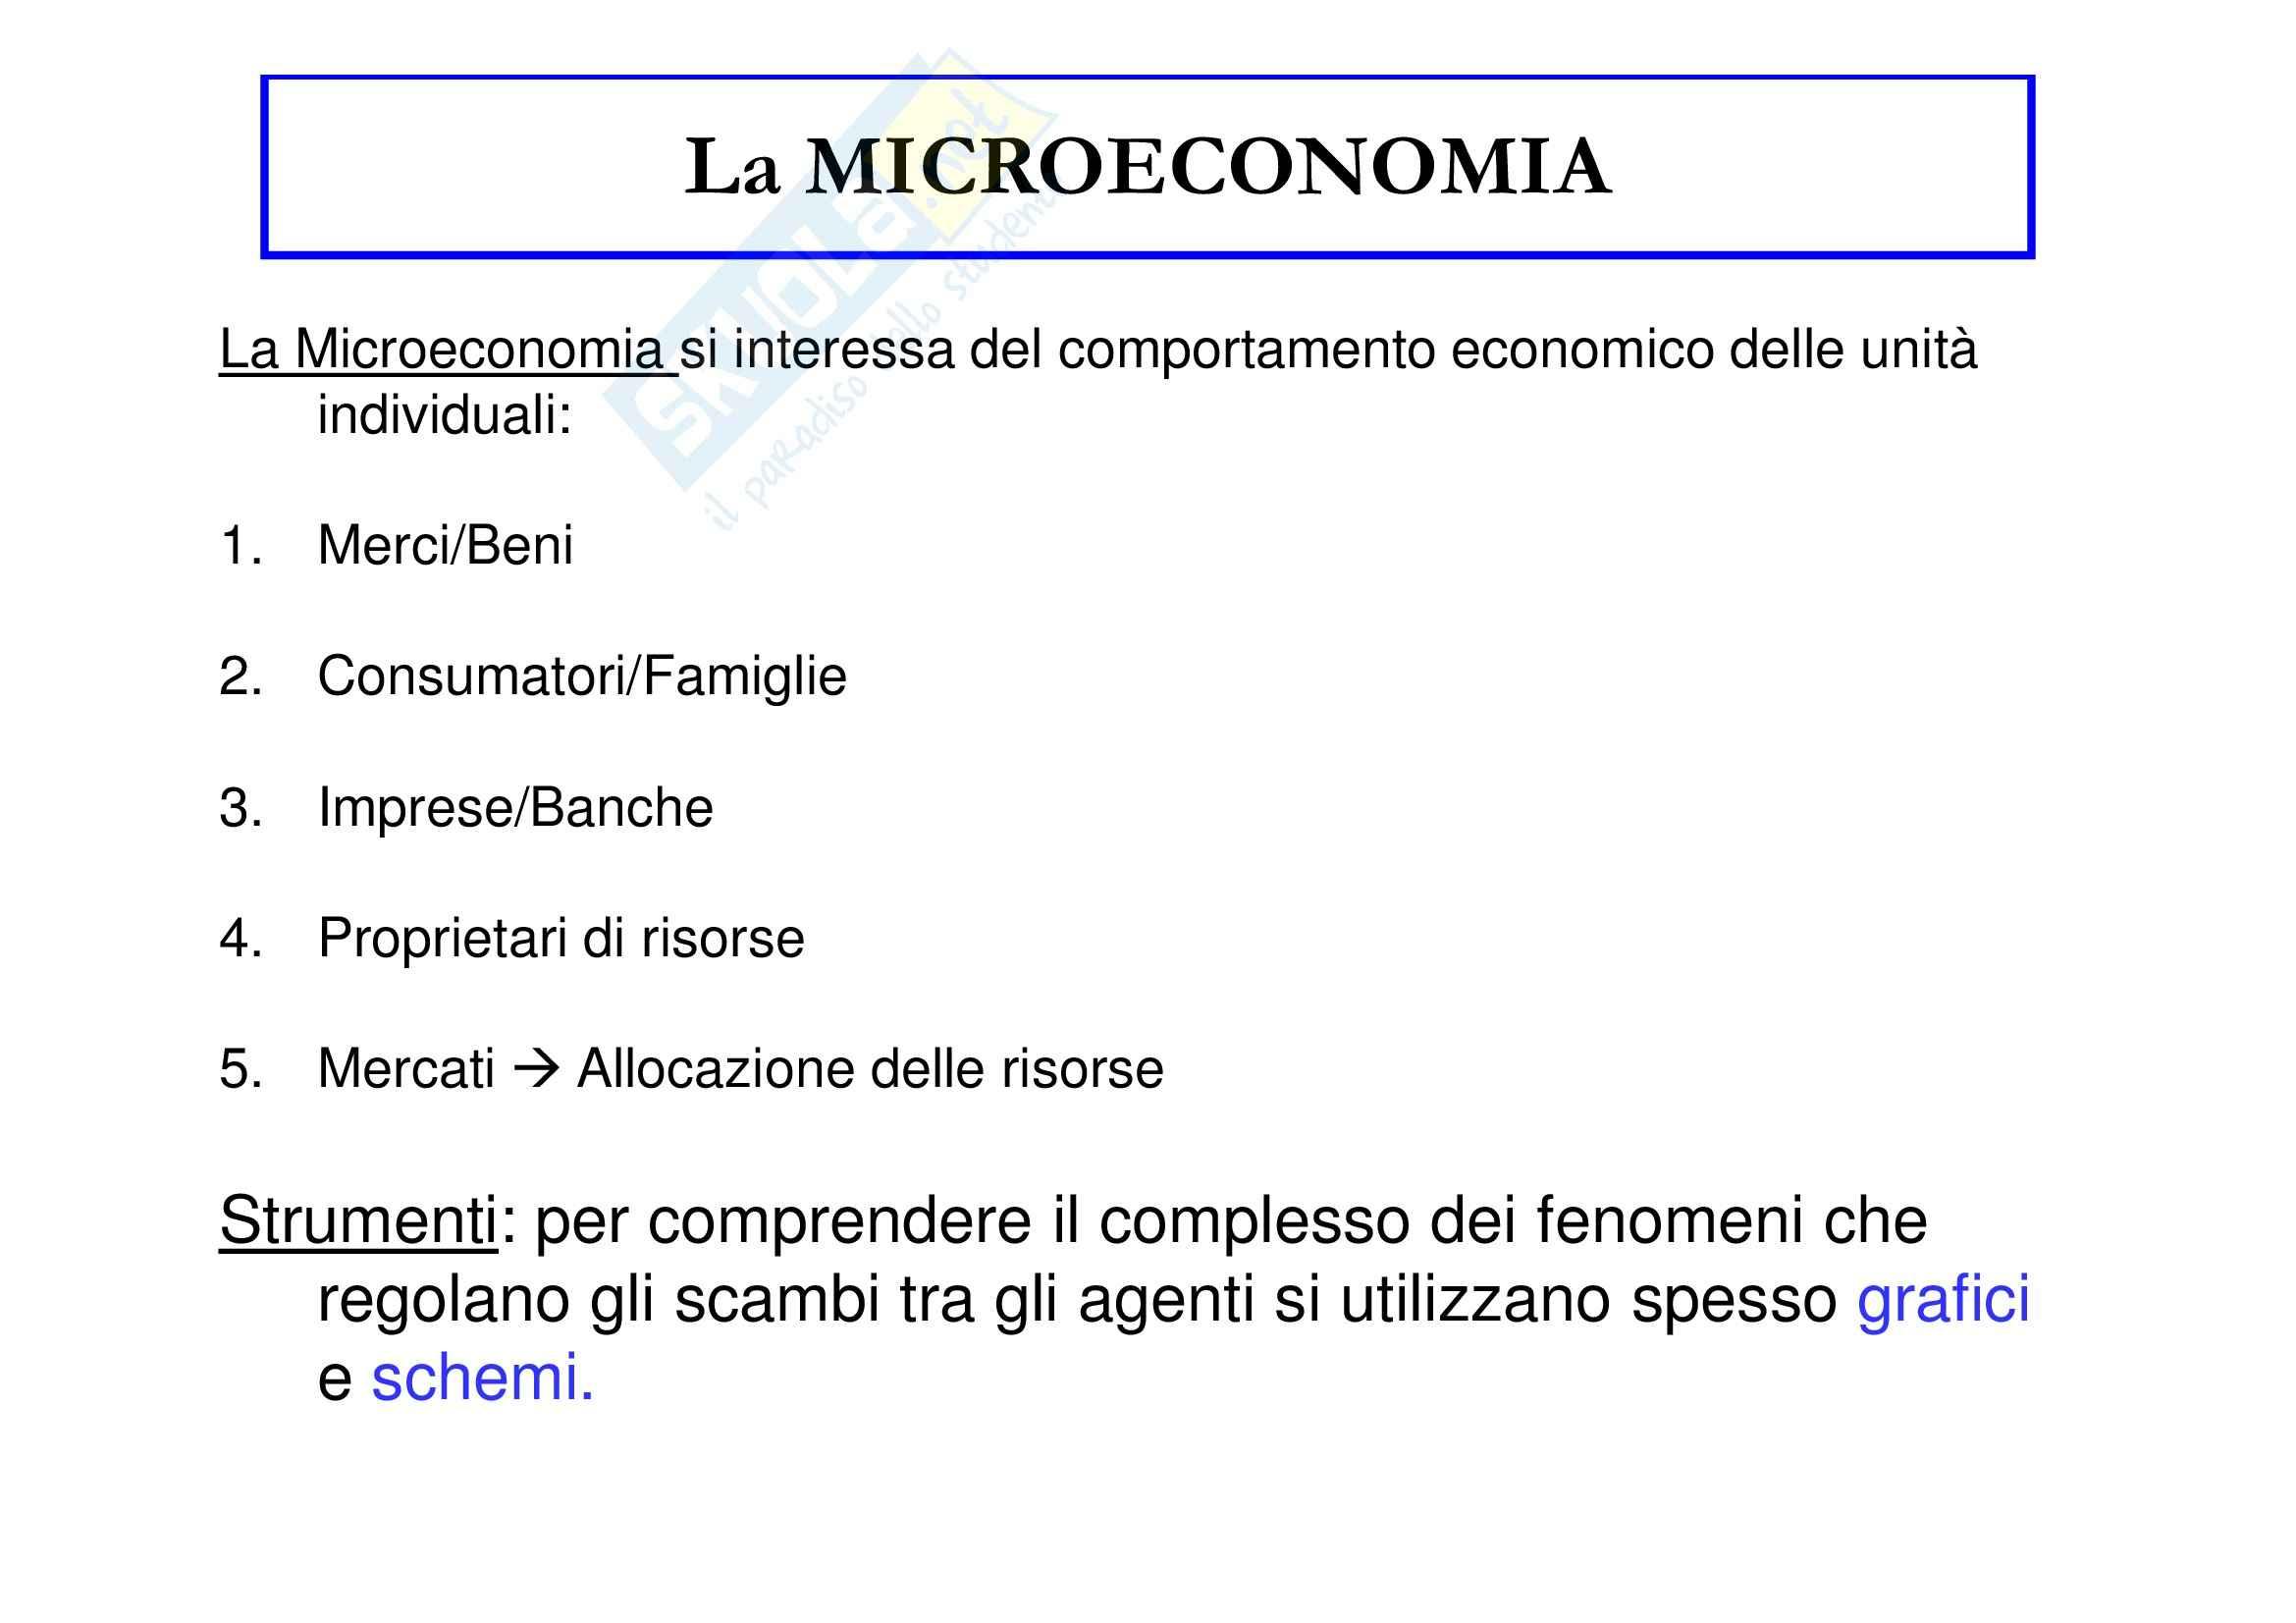 Economia politica - la microeconomia